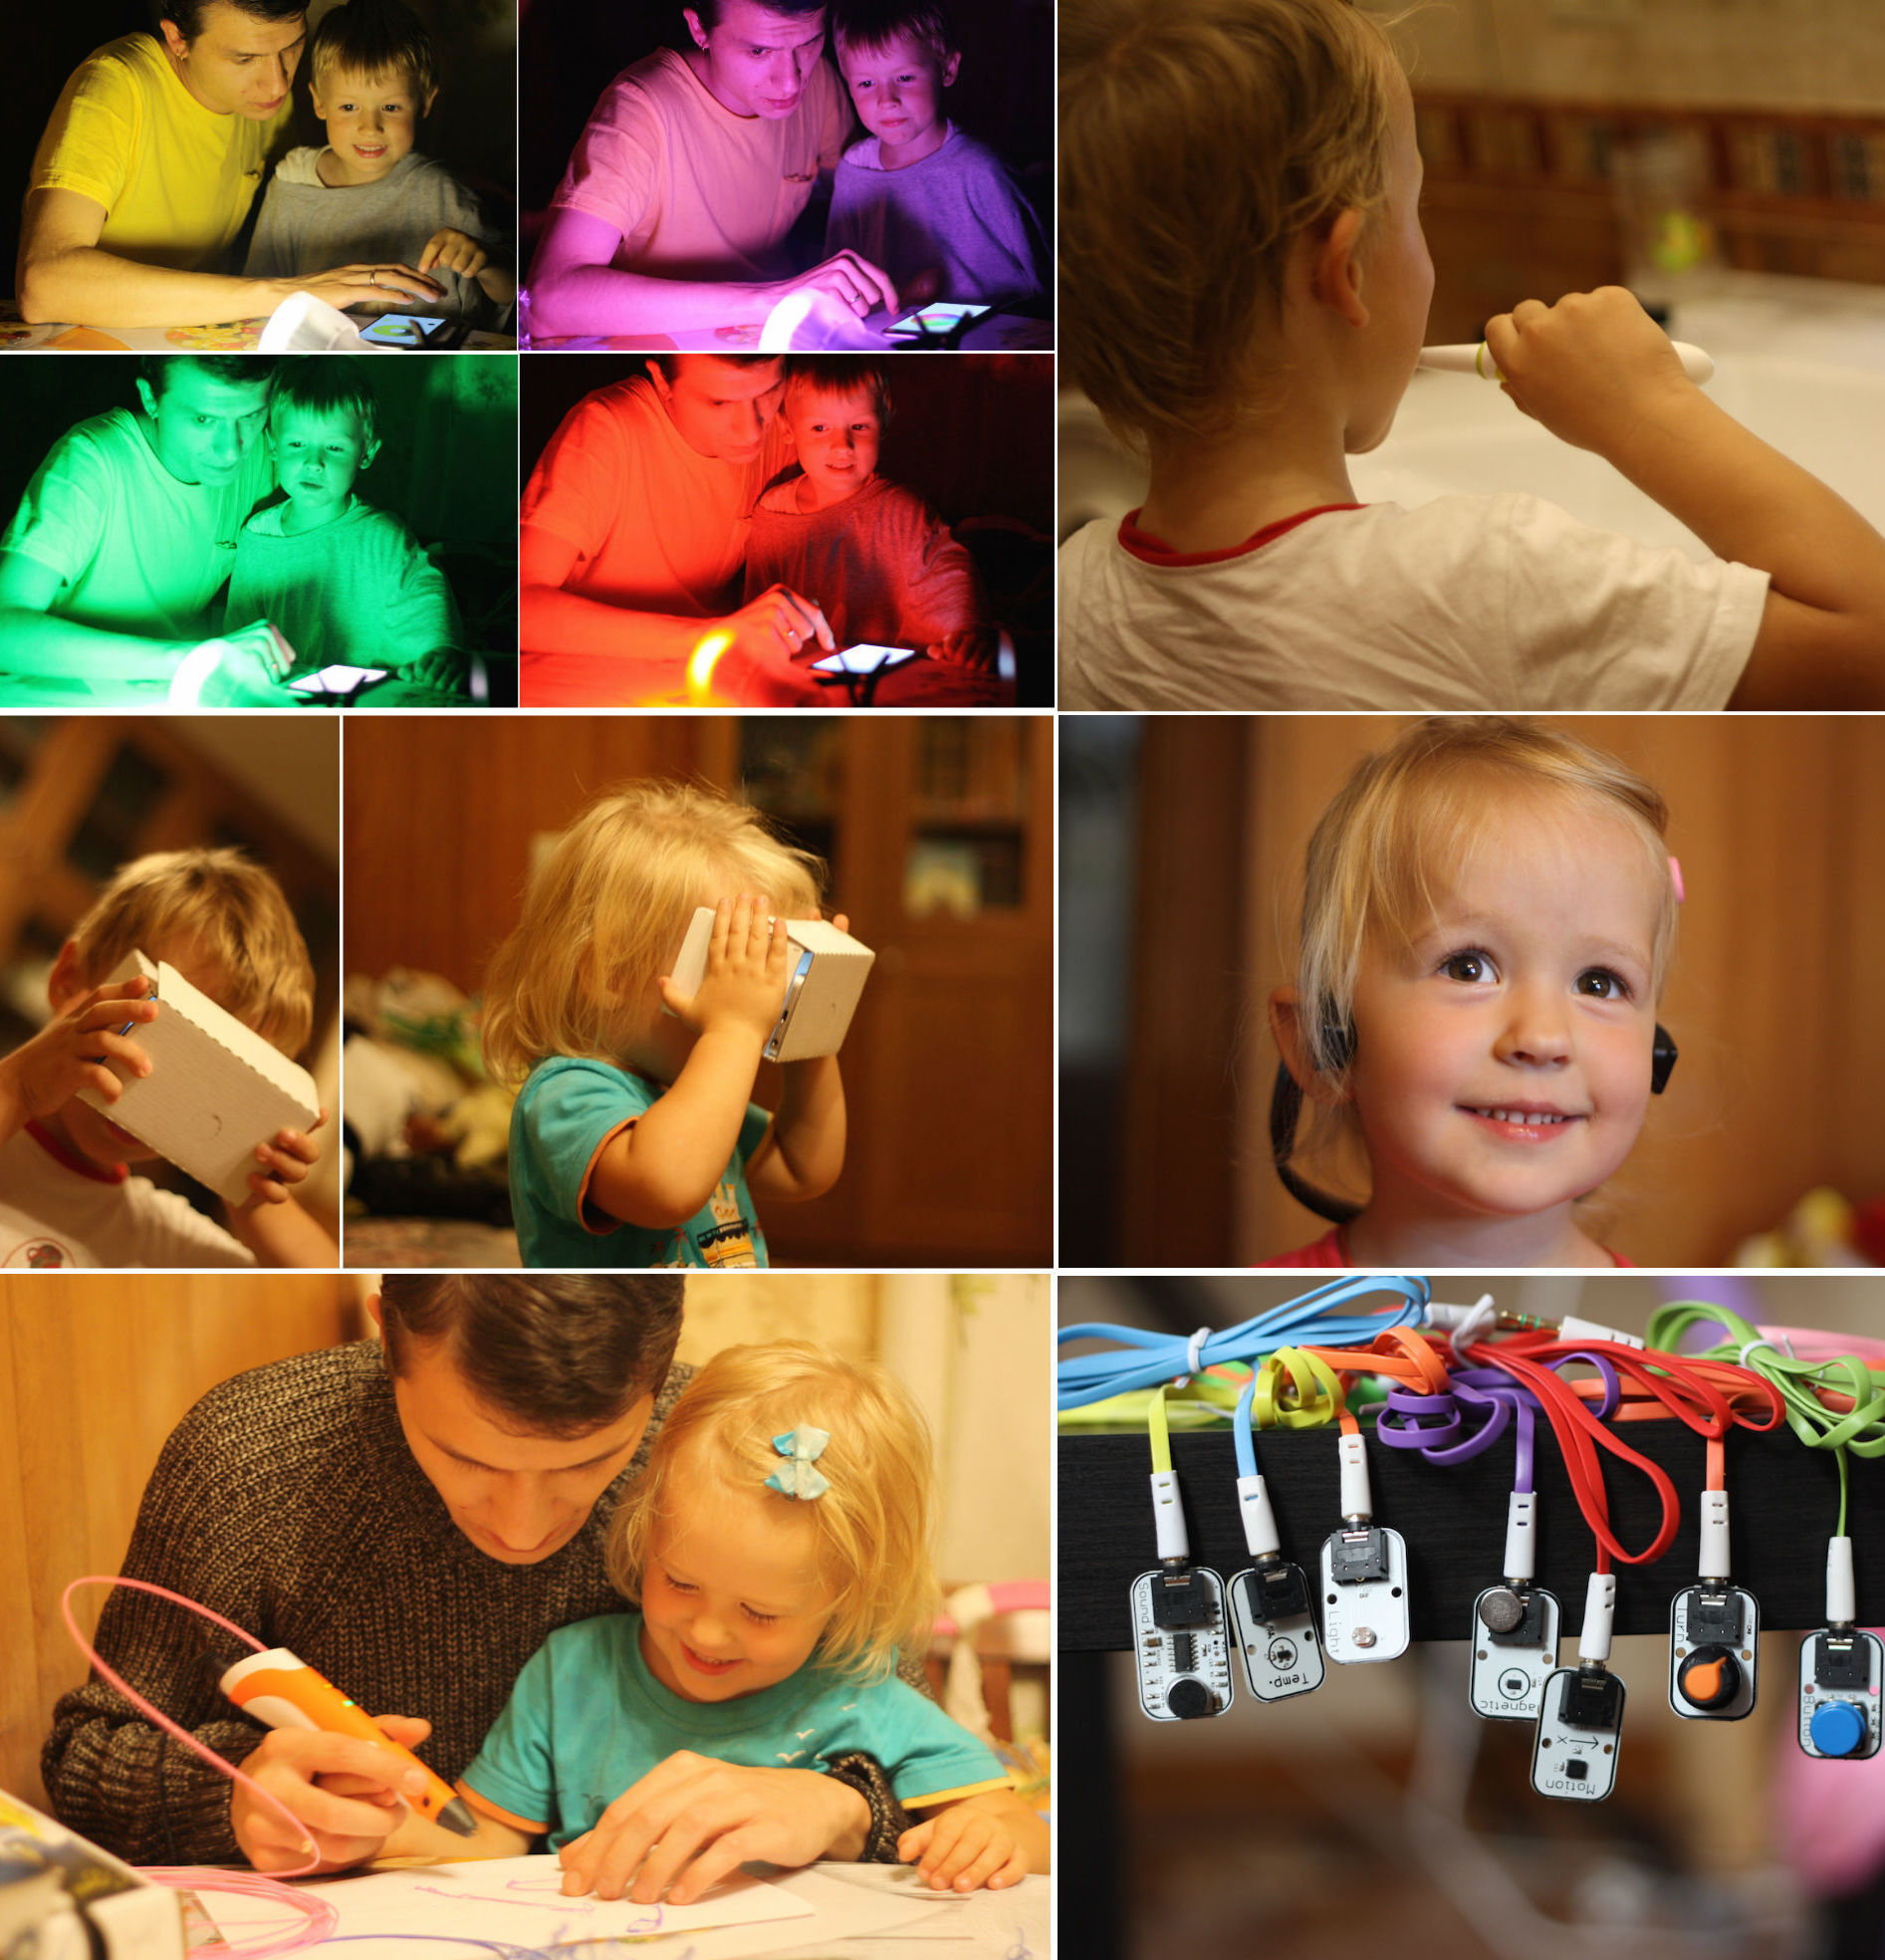 Детские гаджеты: чем удивить, развлечь и позабавить детей от 2+ лет - 1